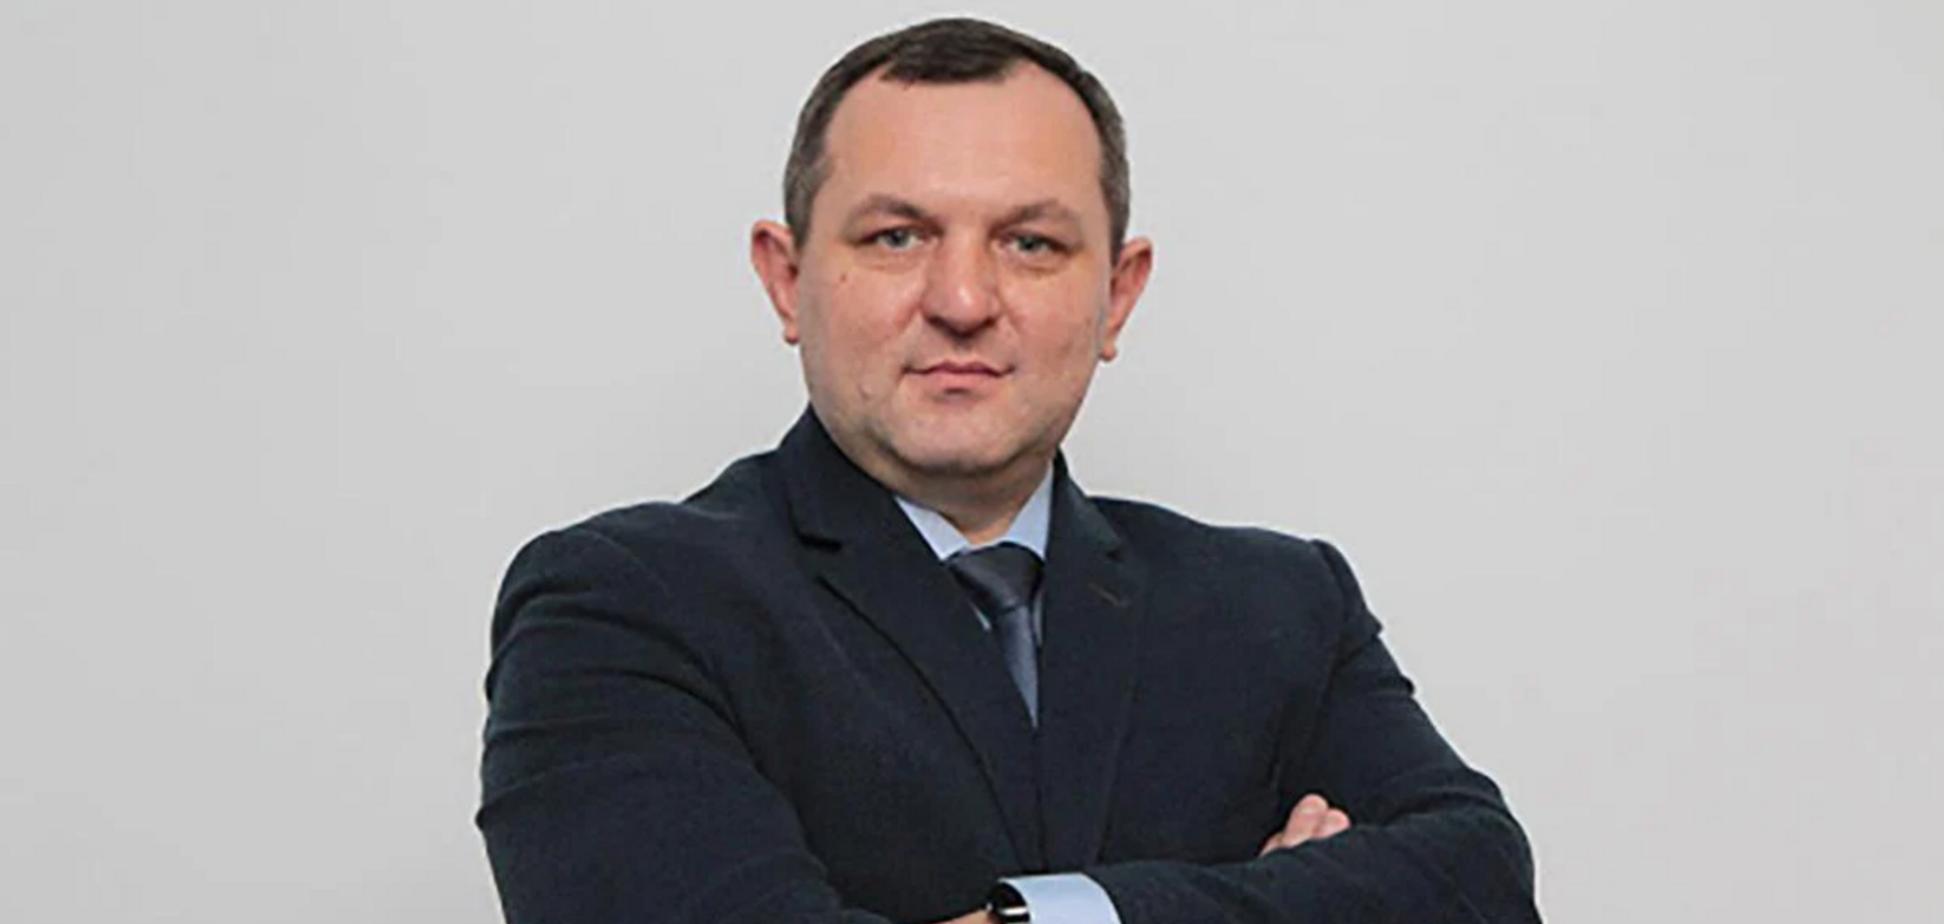 Зеленский назначил Володина новым главой Киевской ОГА